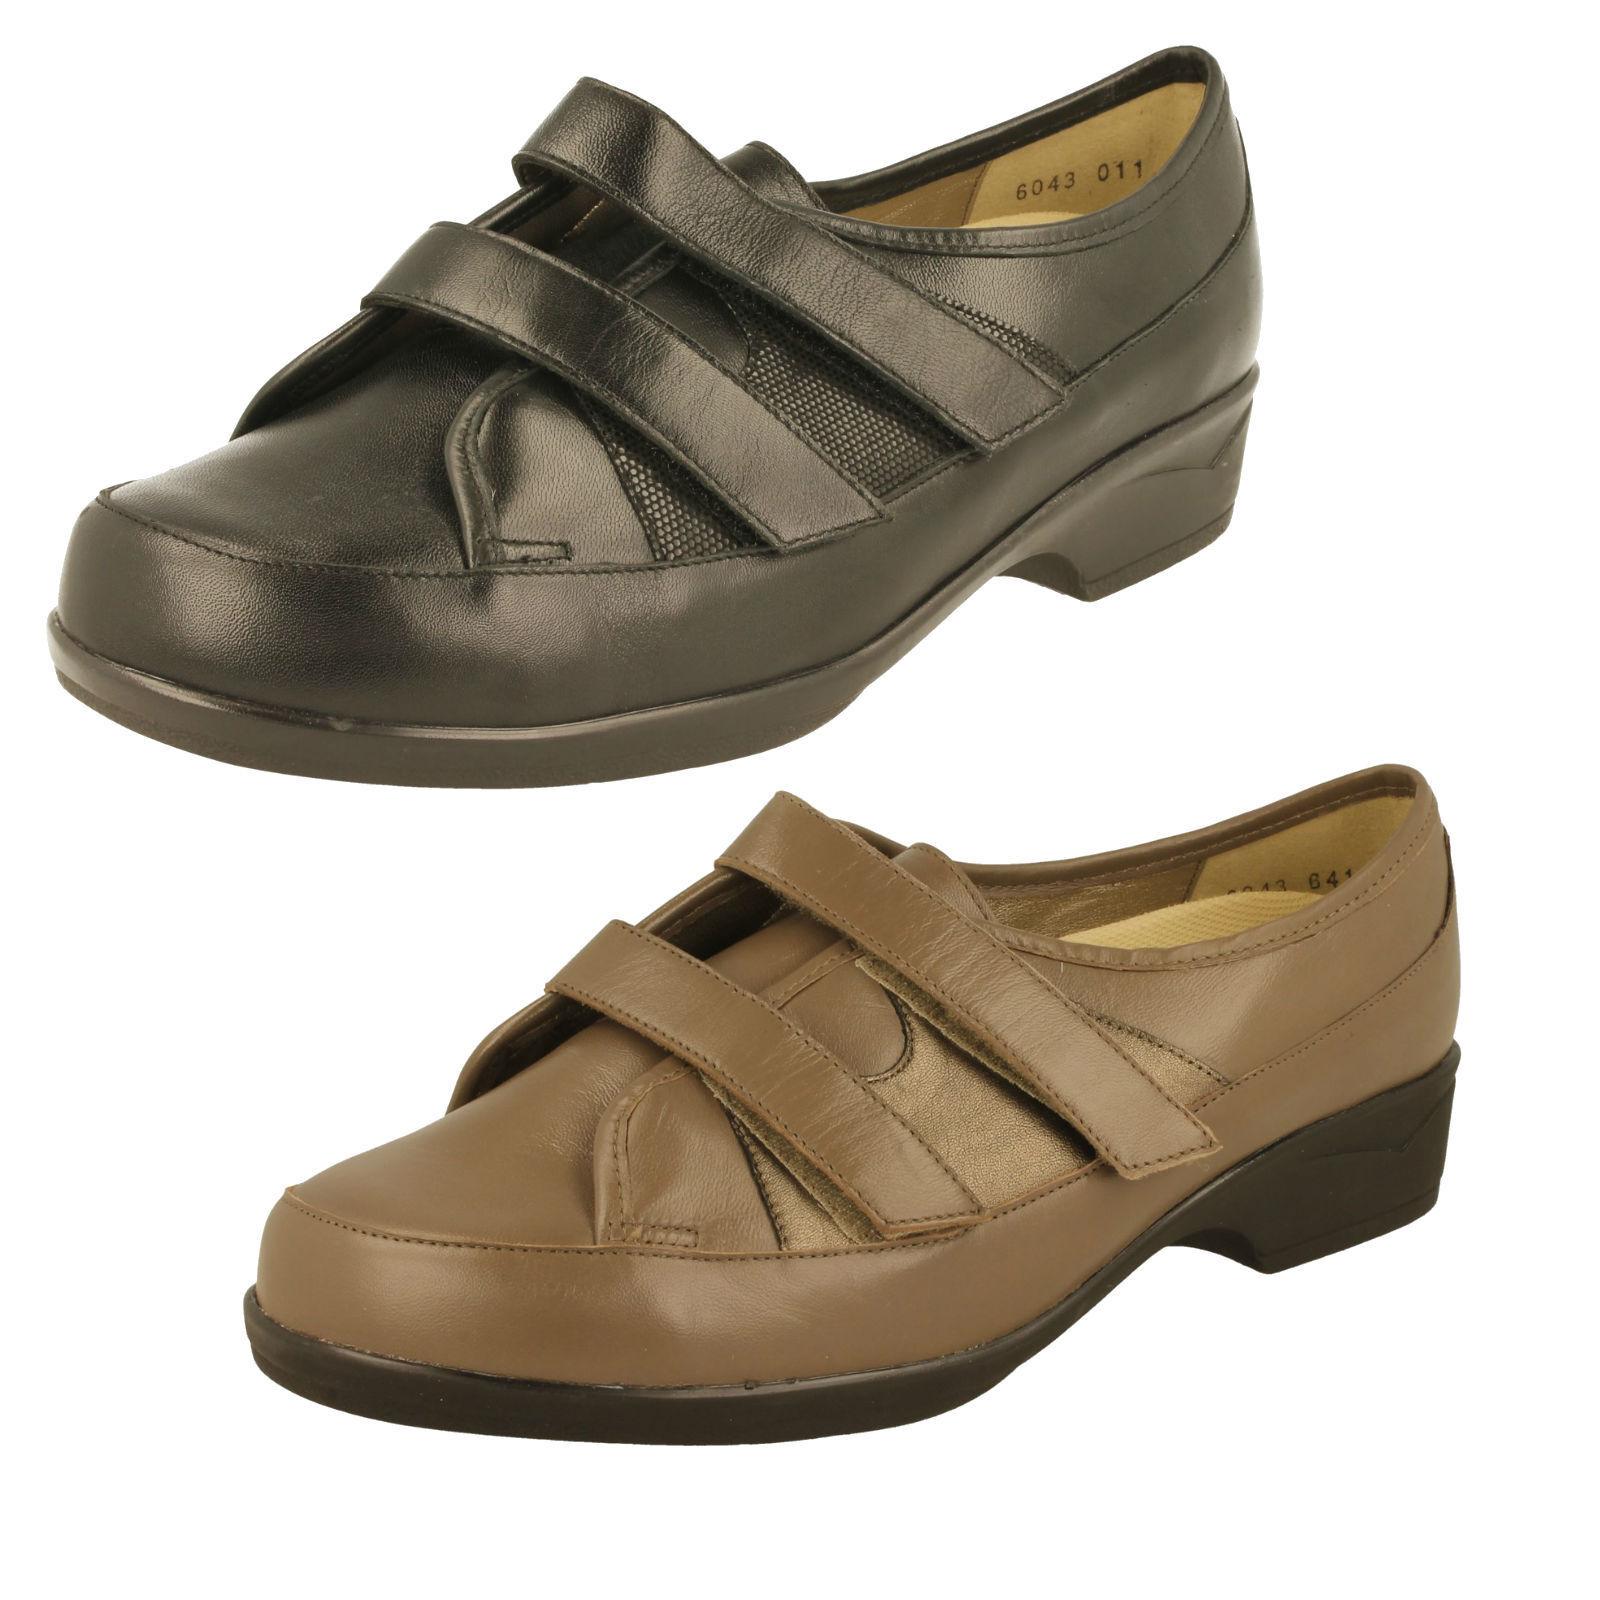 Mujer Equity 3e 4e Ajuste Zapatos - margaritas margaritas margaritas  envío rápido en todo el mundo